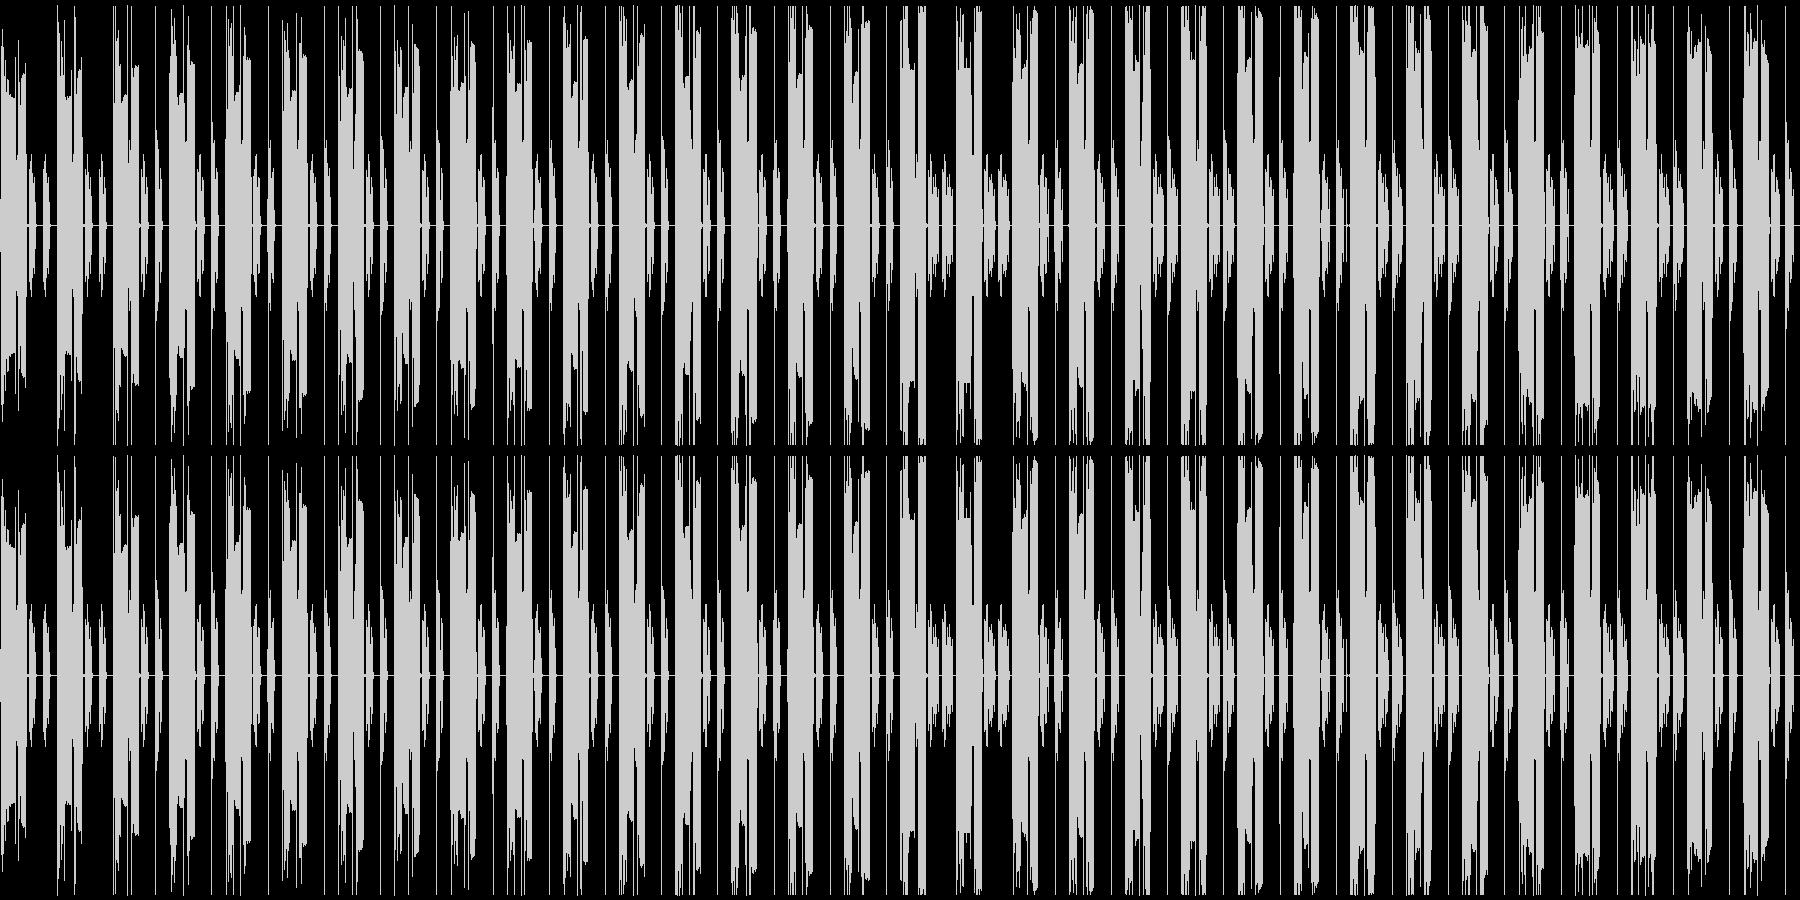 暗い曲で、繰り返しが多い単純な曲ですの未再生の波形